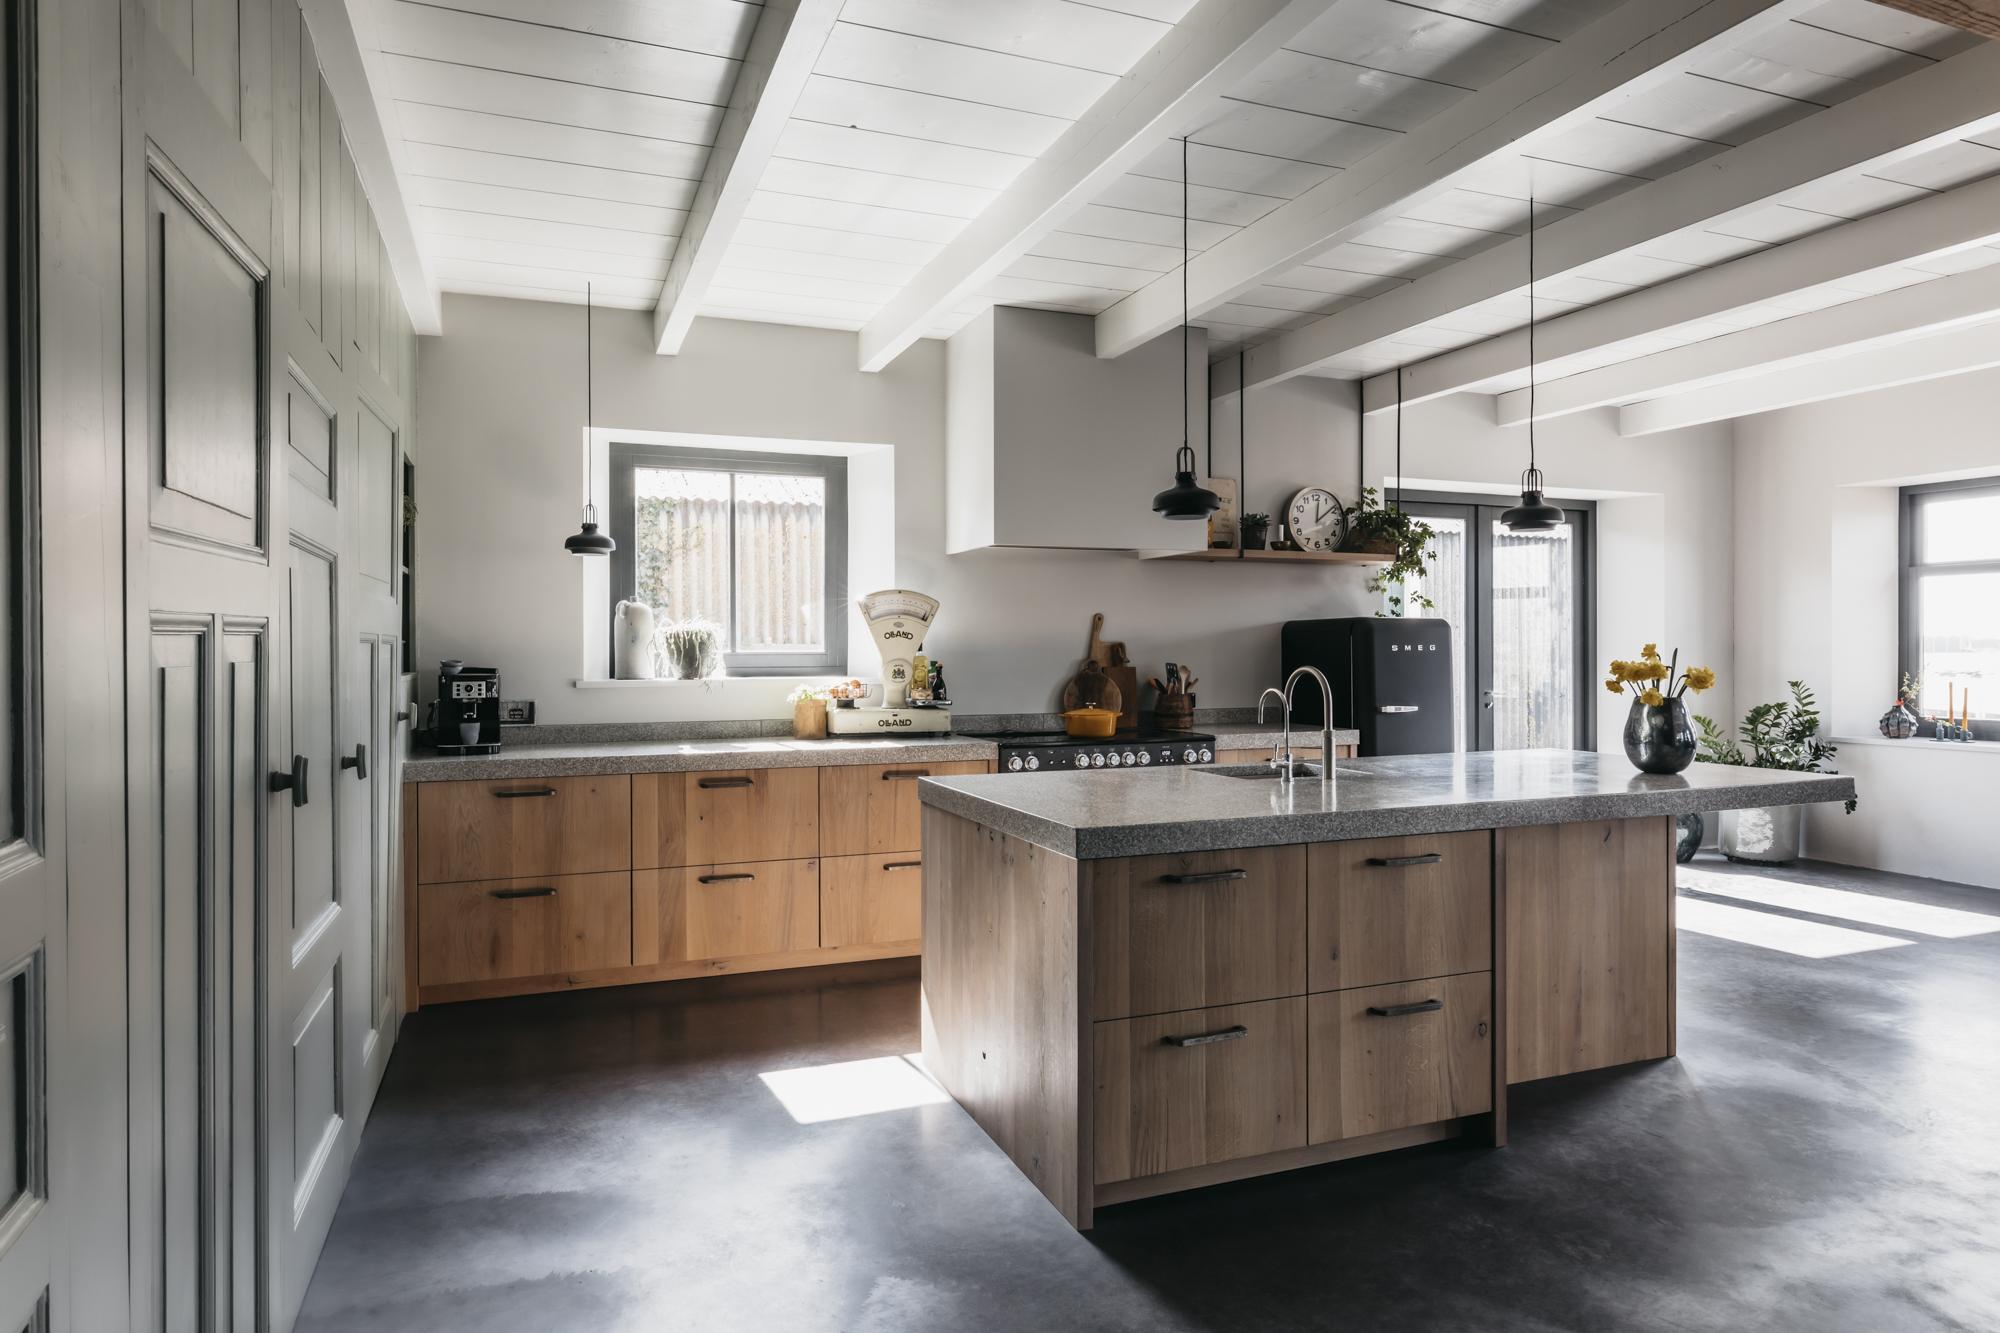 Strakke keuken met kookeiland